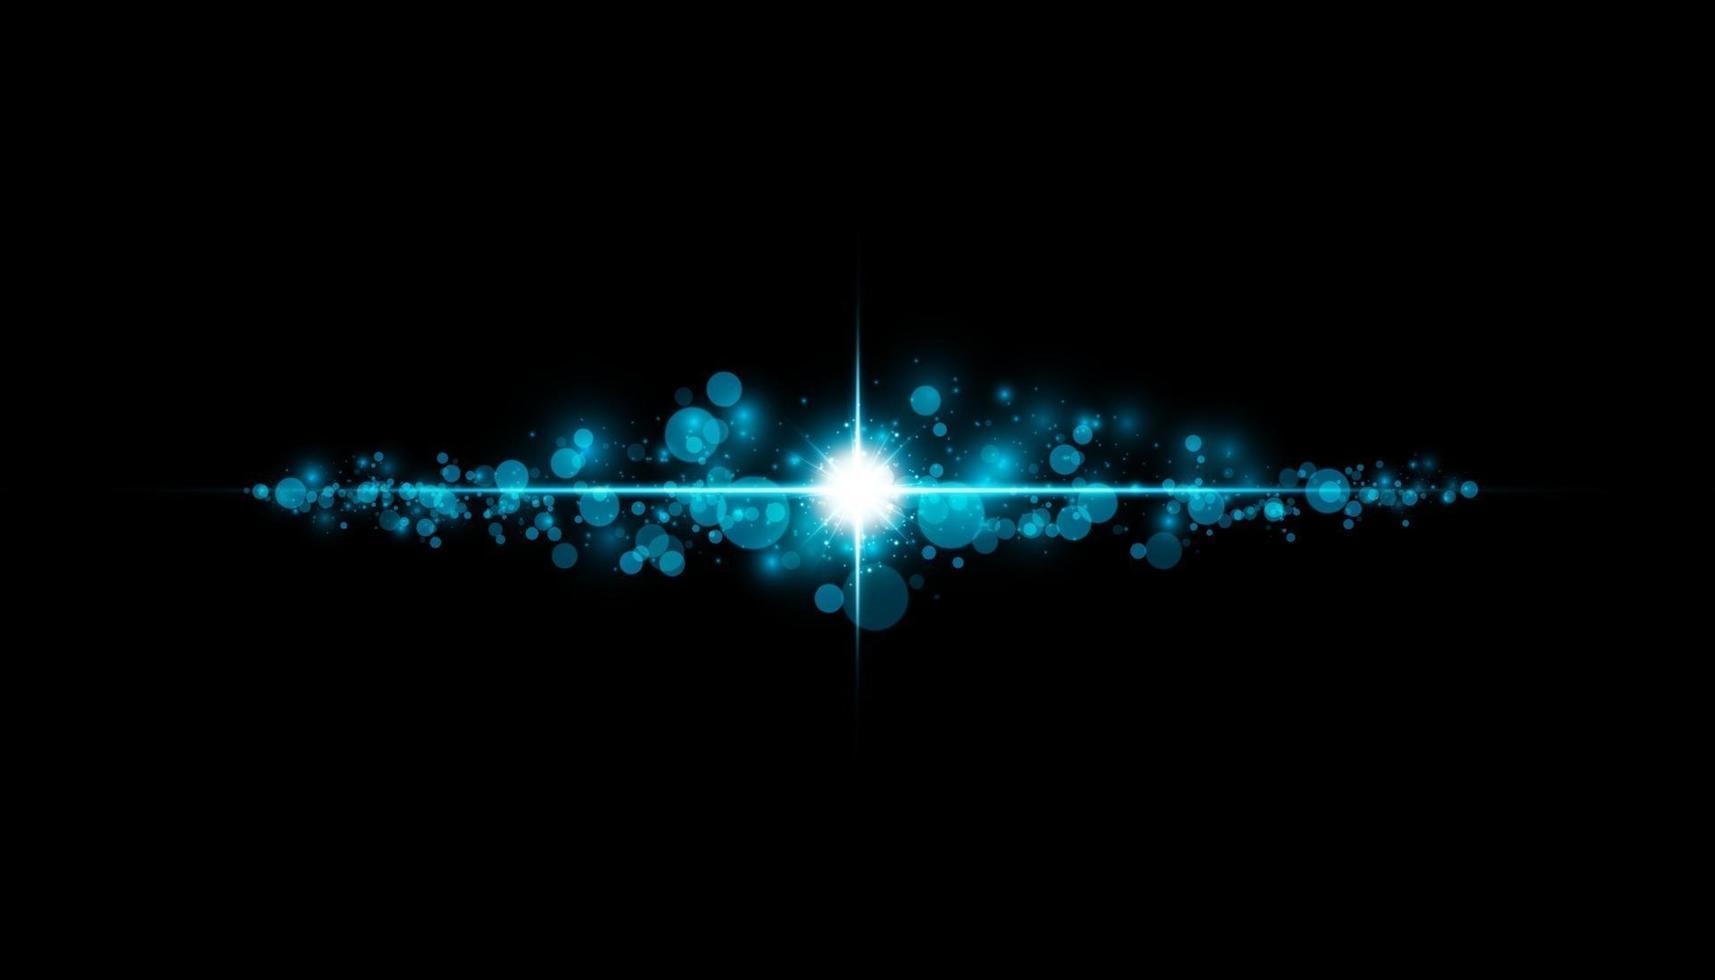 glödisolerad blå transparent effekt, linsflare, explosion, glitter, linje, solblixt, gnista och stjärnor. för illustration mall konst design, banner för jul fira, magiska blixt energi ray. kreativt koncept. vektor